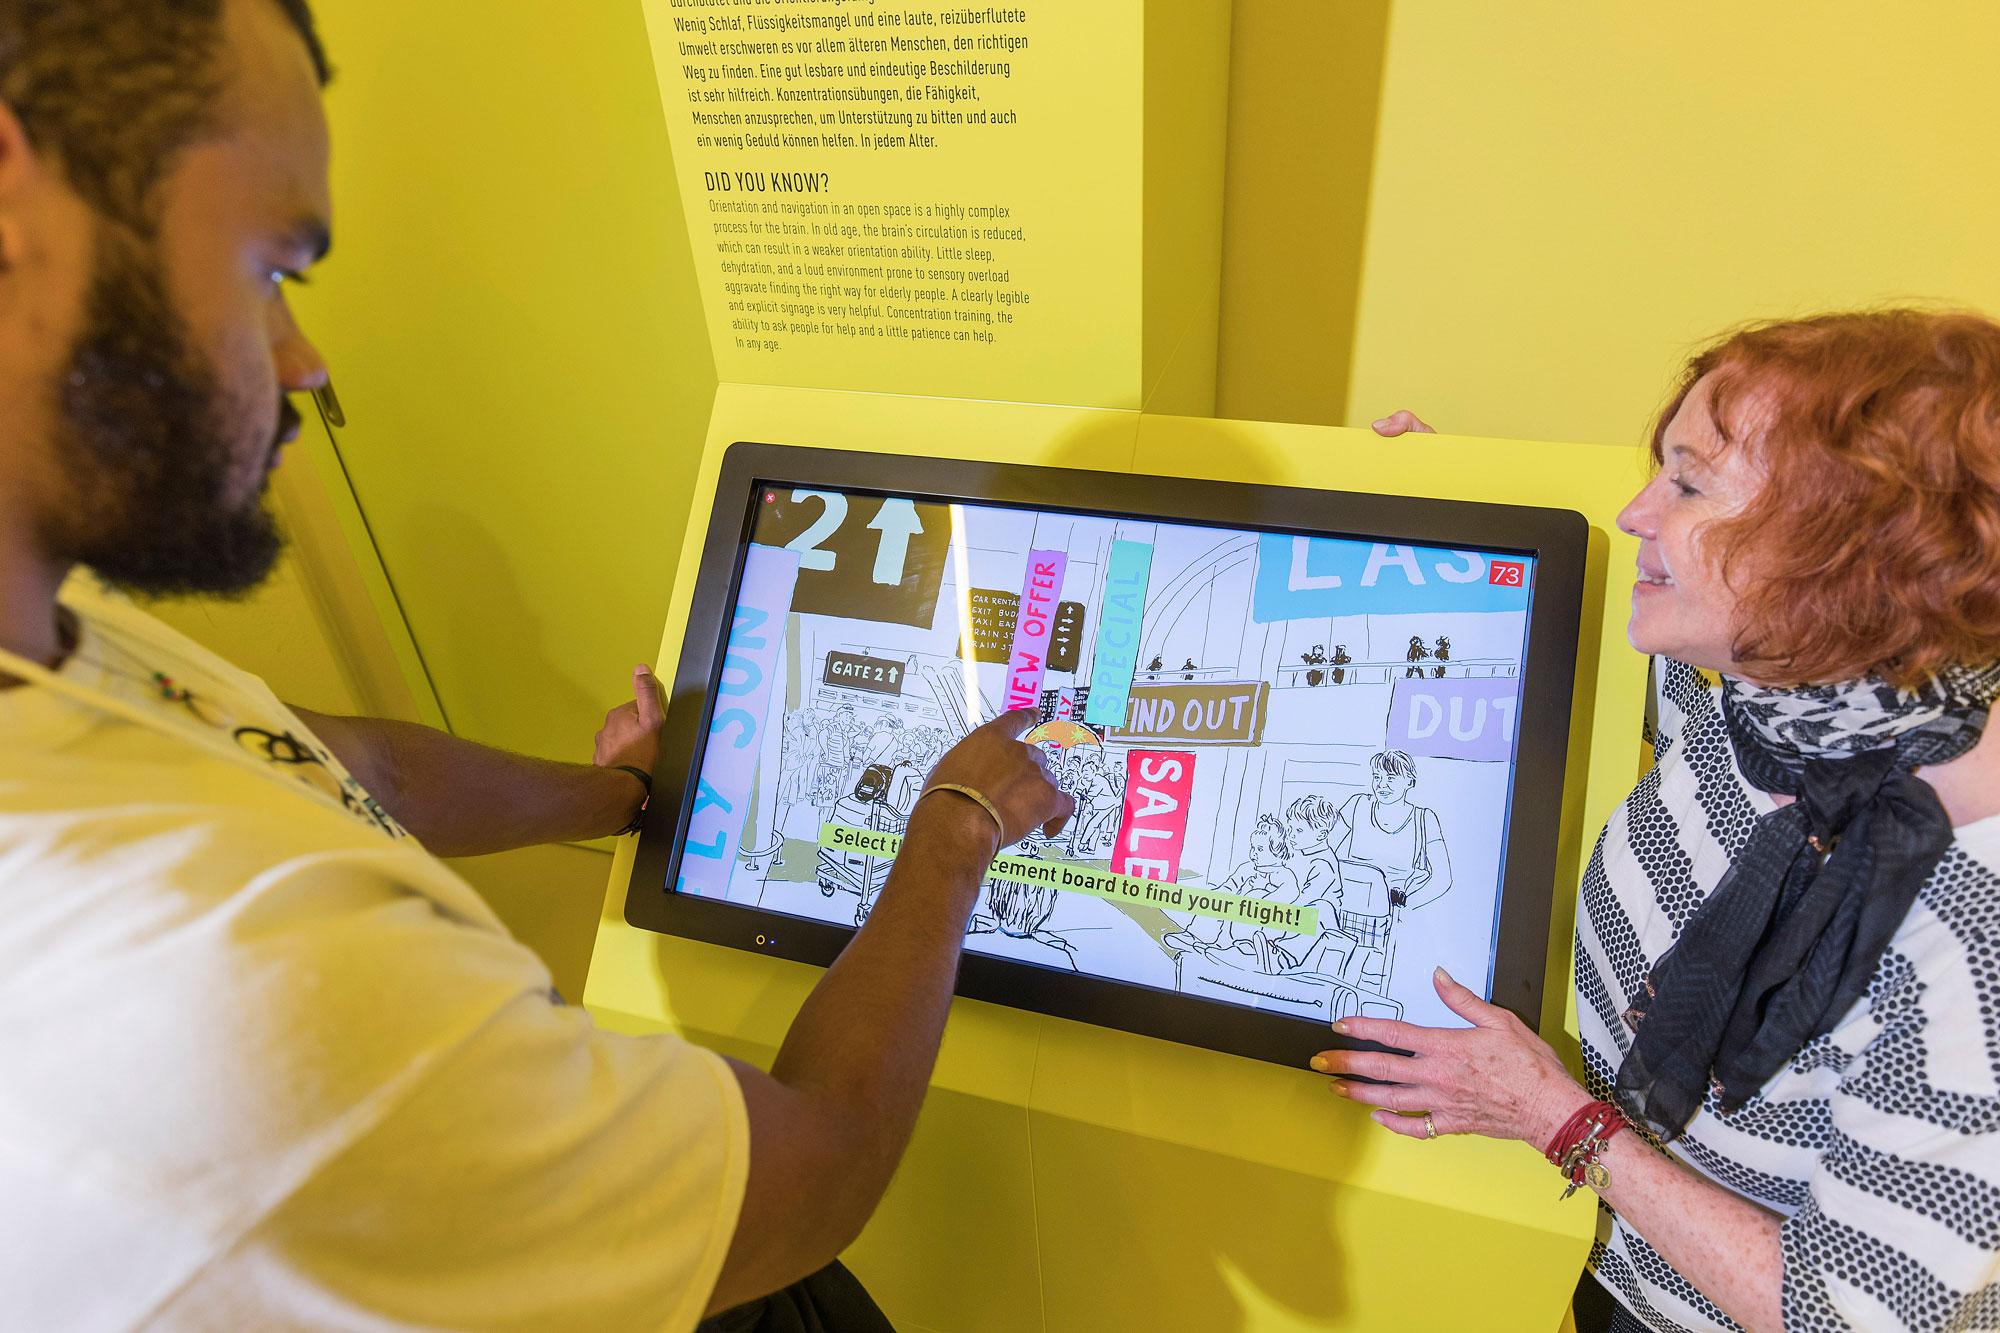 Junger Besucher im gelben Raum an der Station FlughafenTerminal. Ein Monitor zeigt schnell wechselnde Wege und viele Anzeigen im Flughafenterminal. Man muss auswählen welches der richtige für den eigenen Flug ist. neben dem Monitor steht eine Senior Guide.